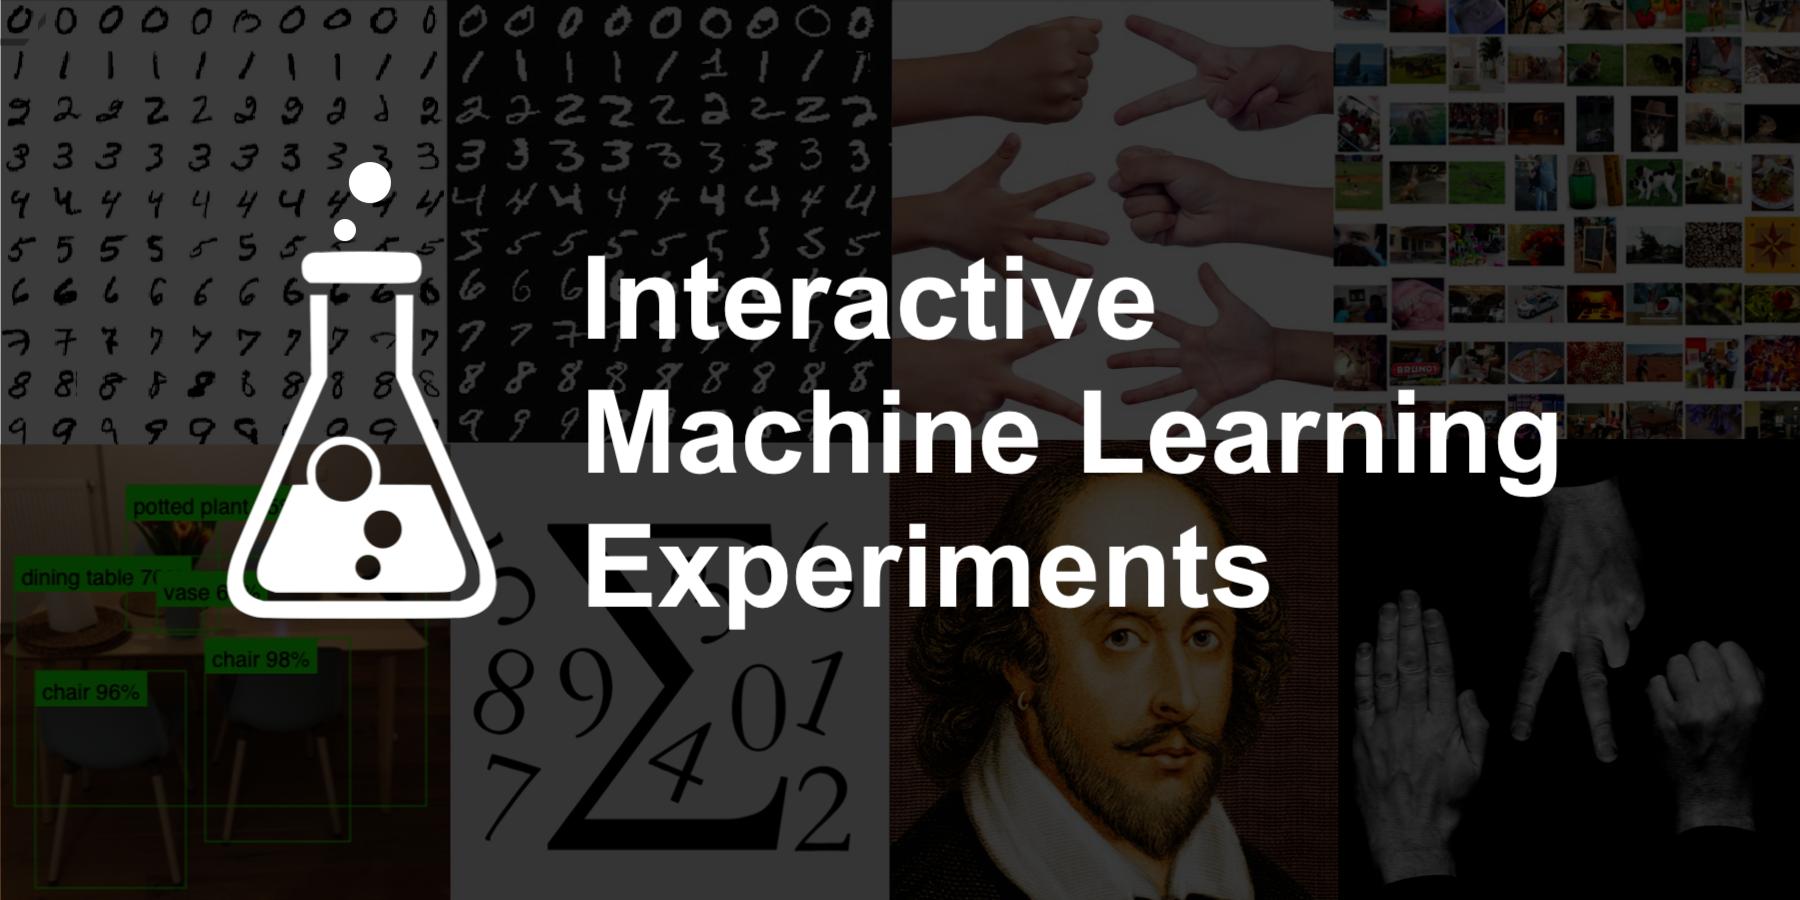 Интерактивные эксперименты с машинным обучением